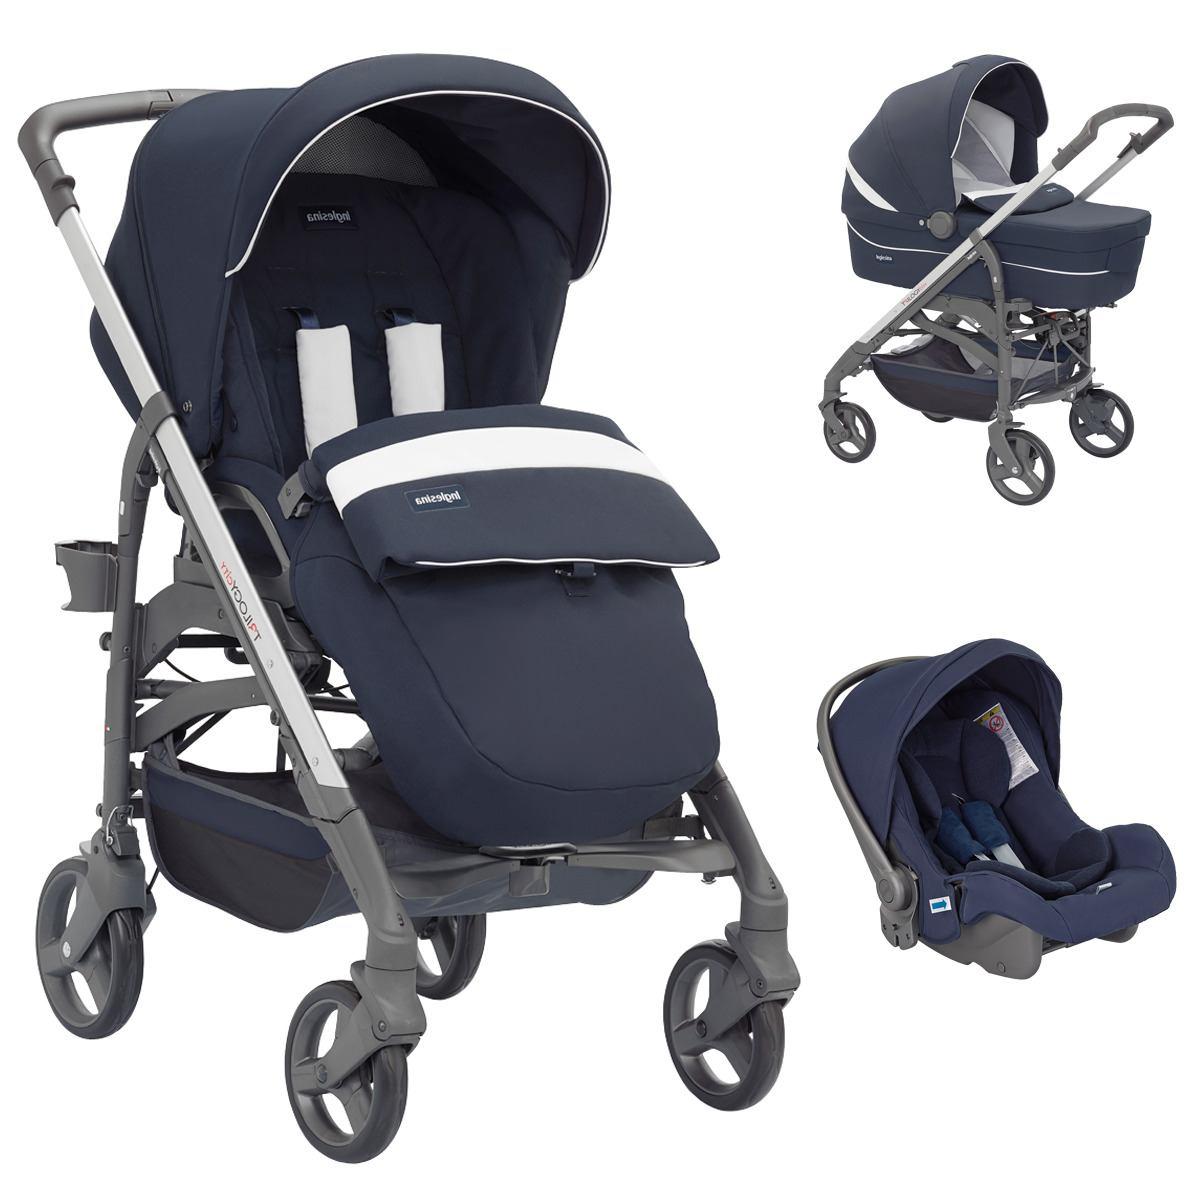 Los mejores carritos de beb 208 cu l comprar - Las mejores sillas de auto para bebes ...